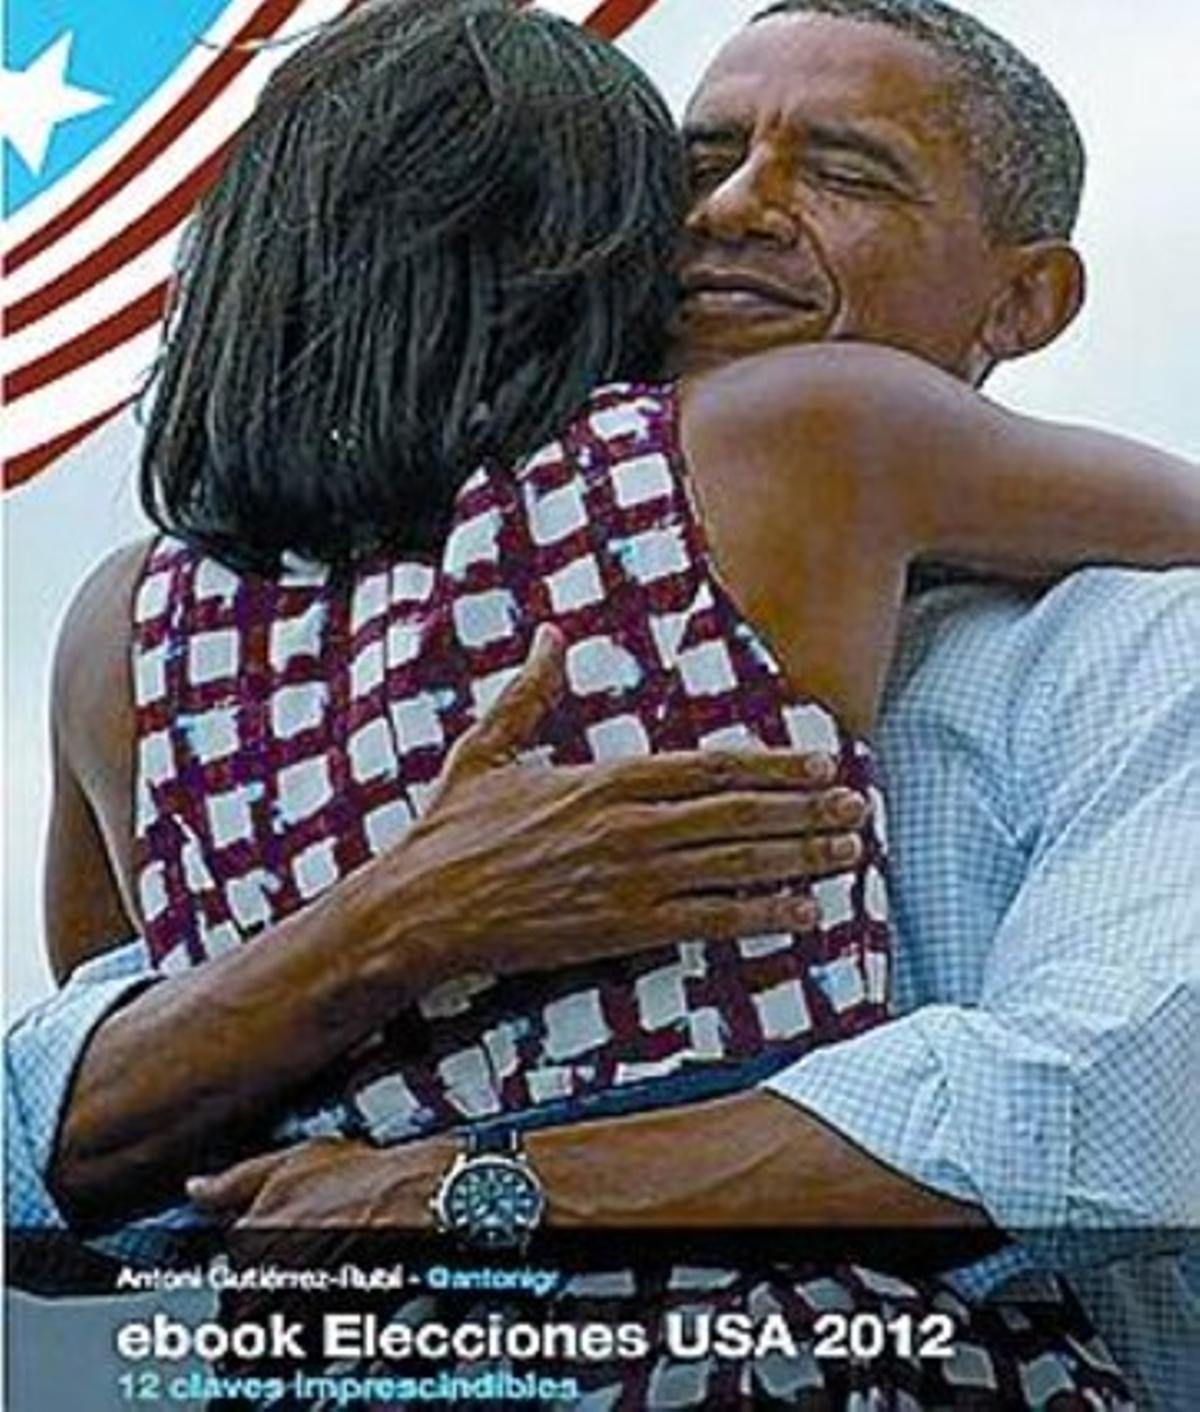 EL PERIÓDICO edita un 'e-book'  que analiza las elecciones a la Casa Blanca